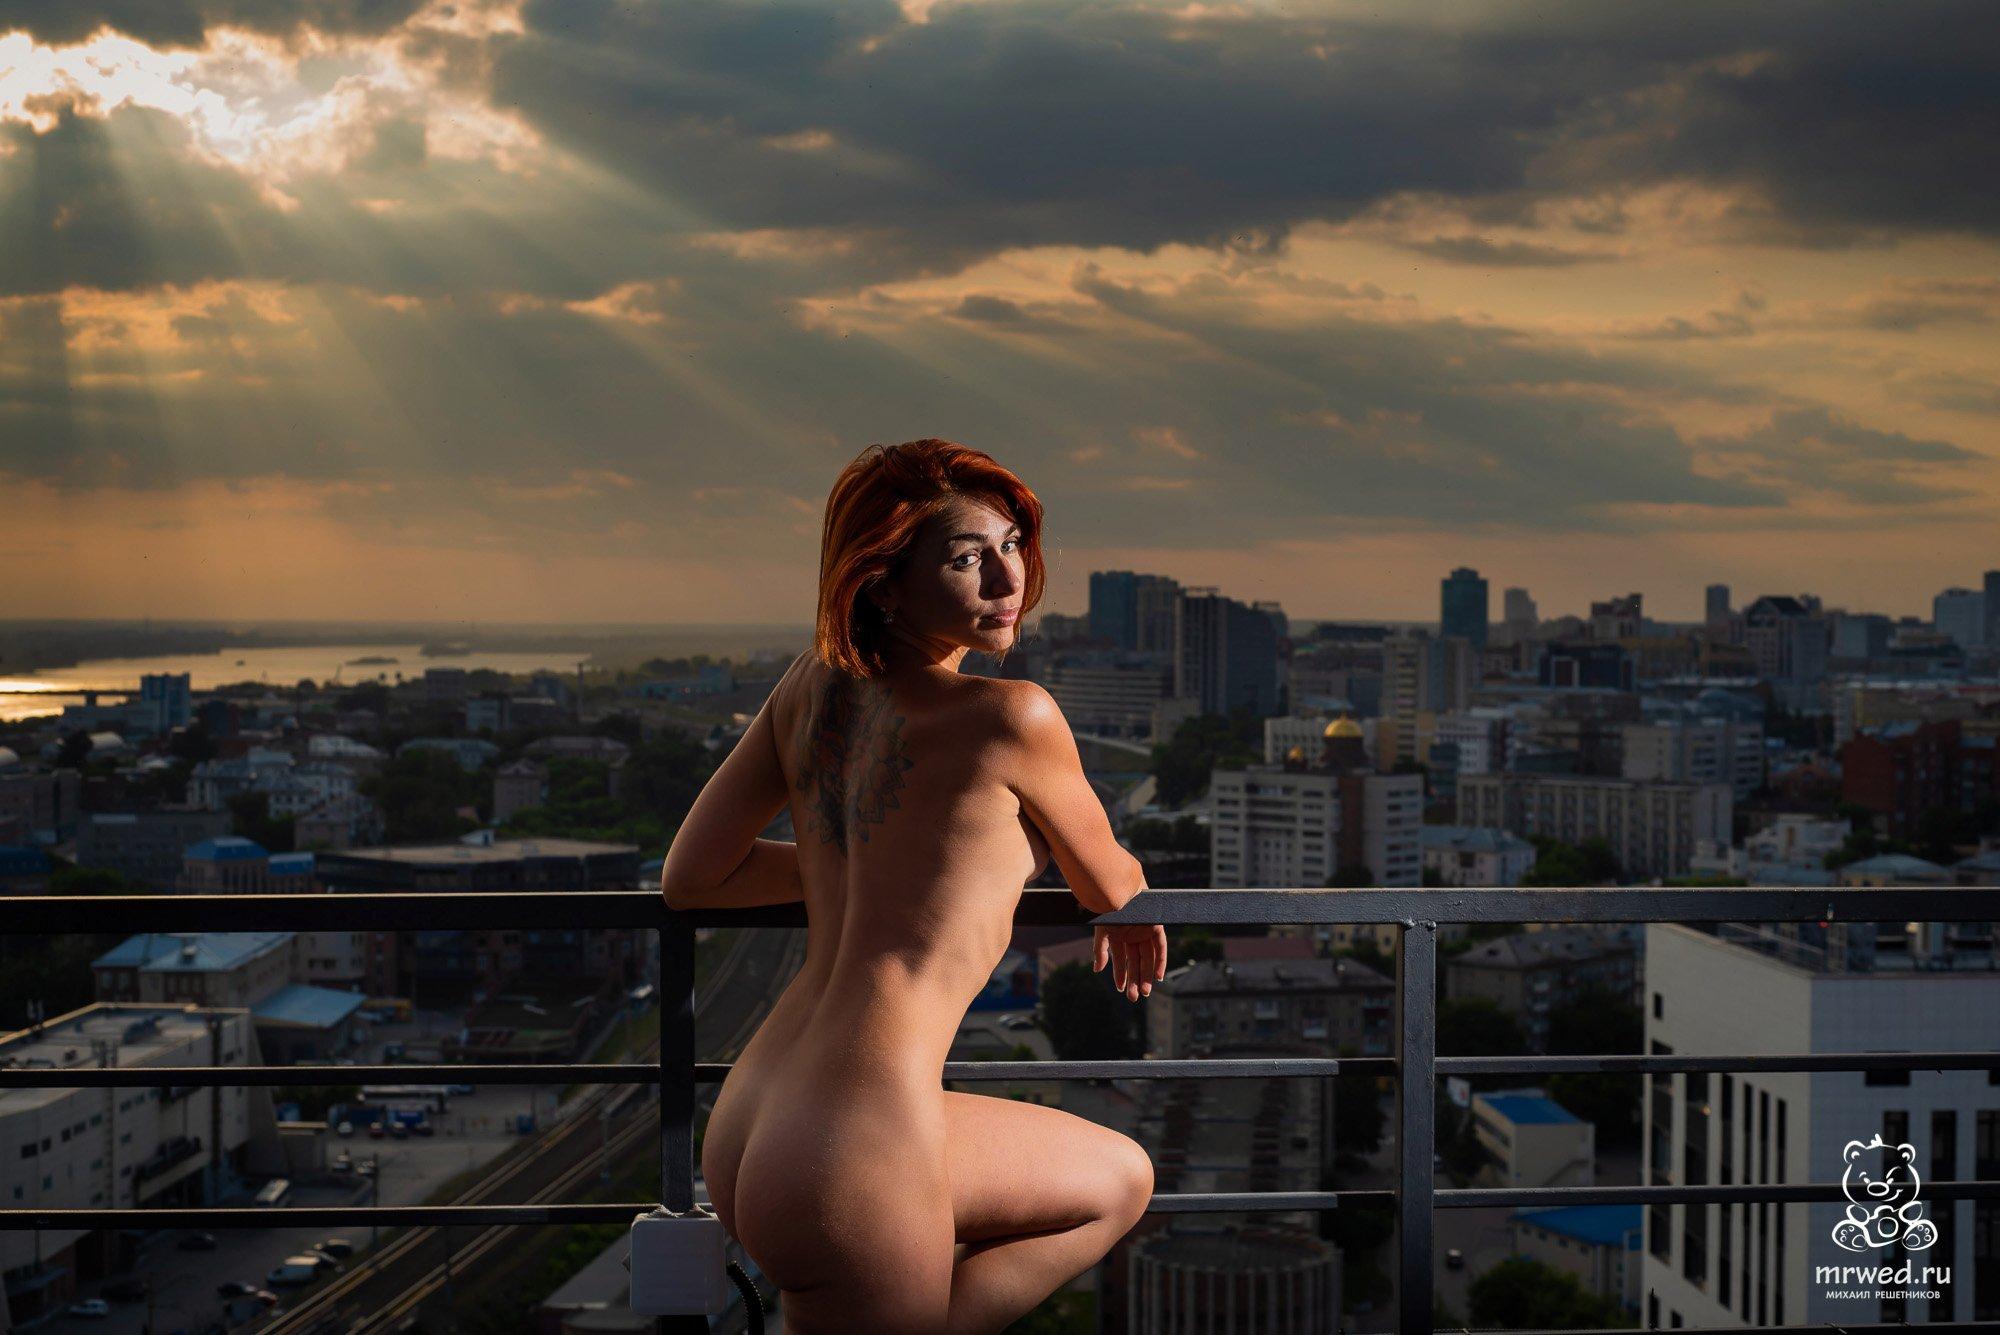 ню, крыша, Михаил Решетников, Новосибирск, рыжая, закат, Решетников Михаил